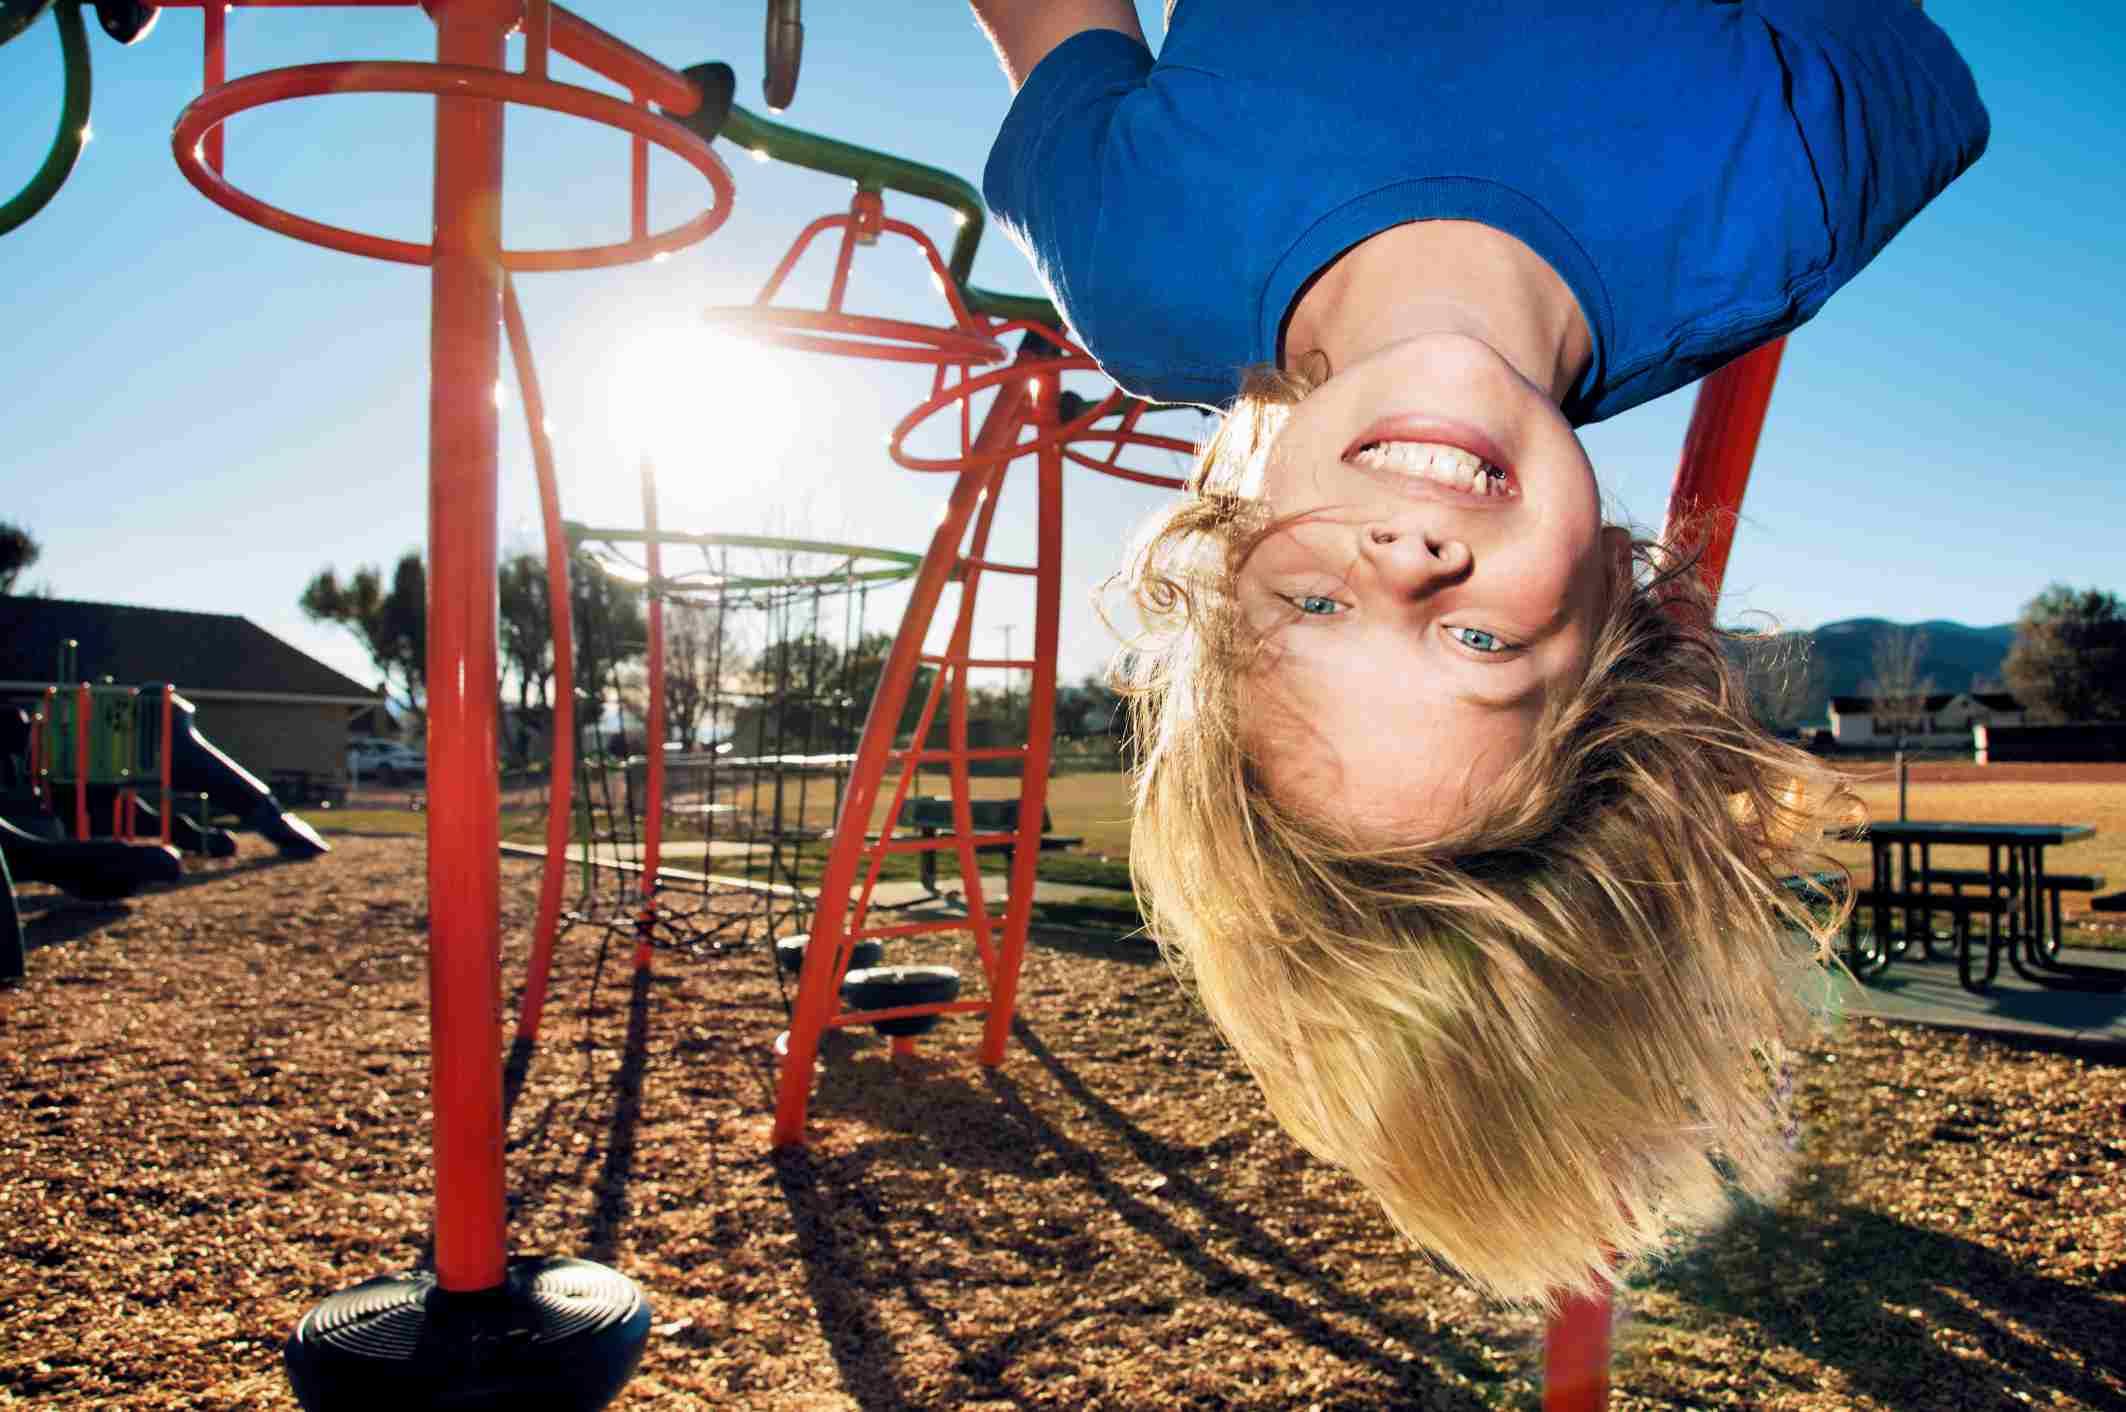 Playground play - playground safety checklist